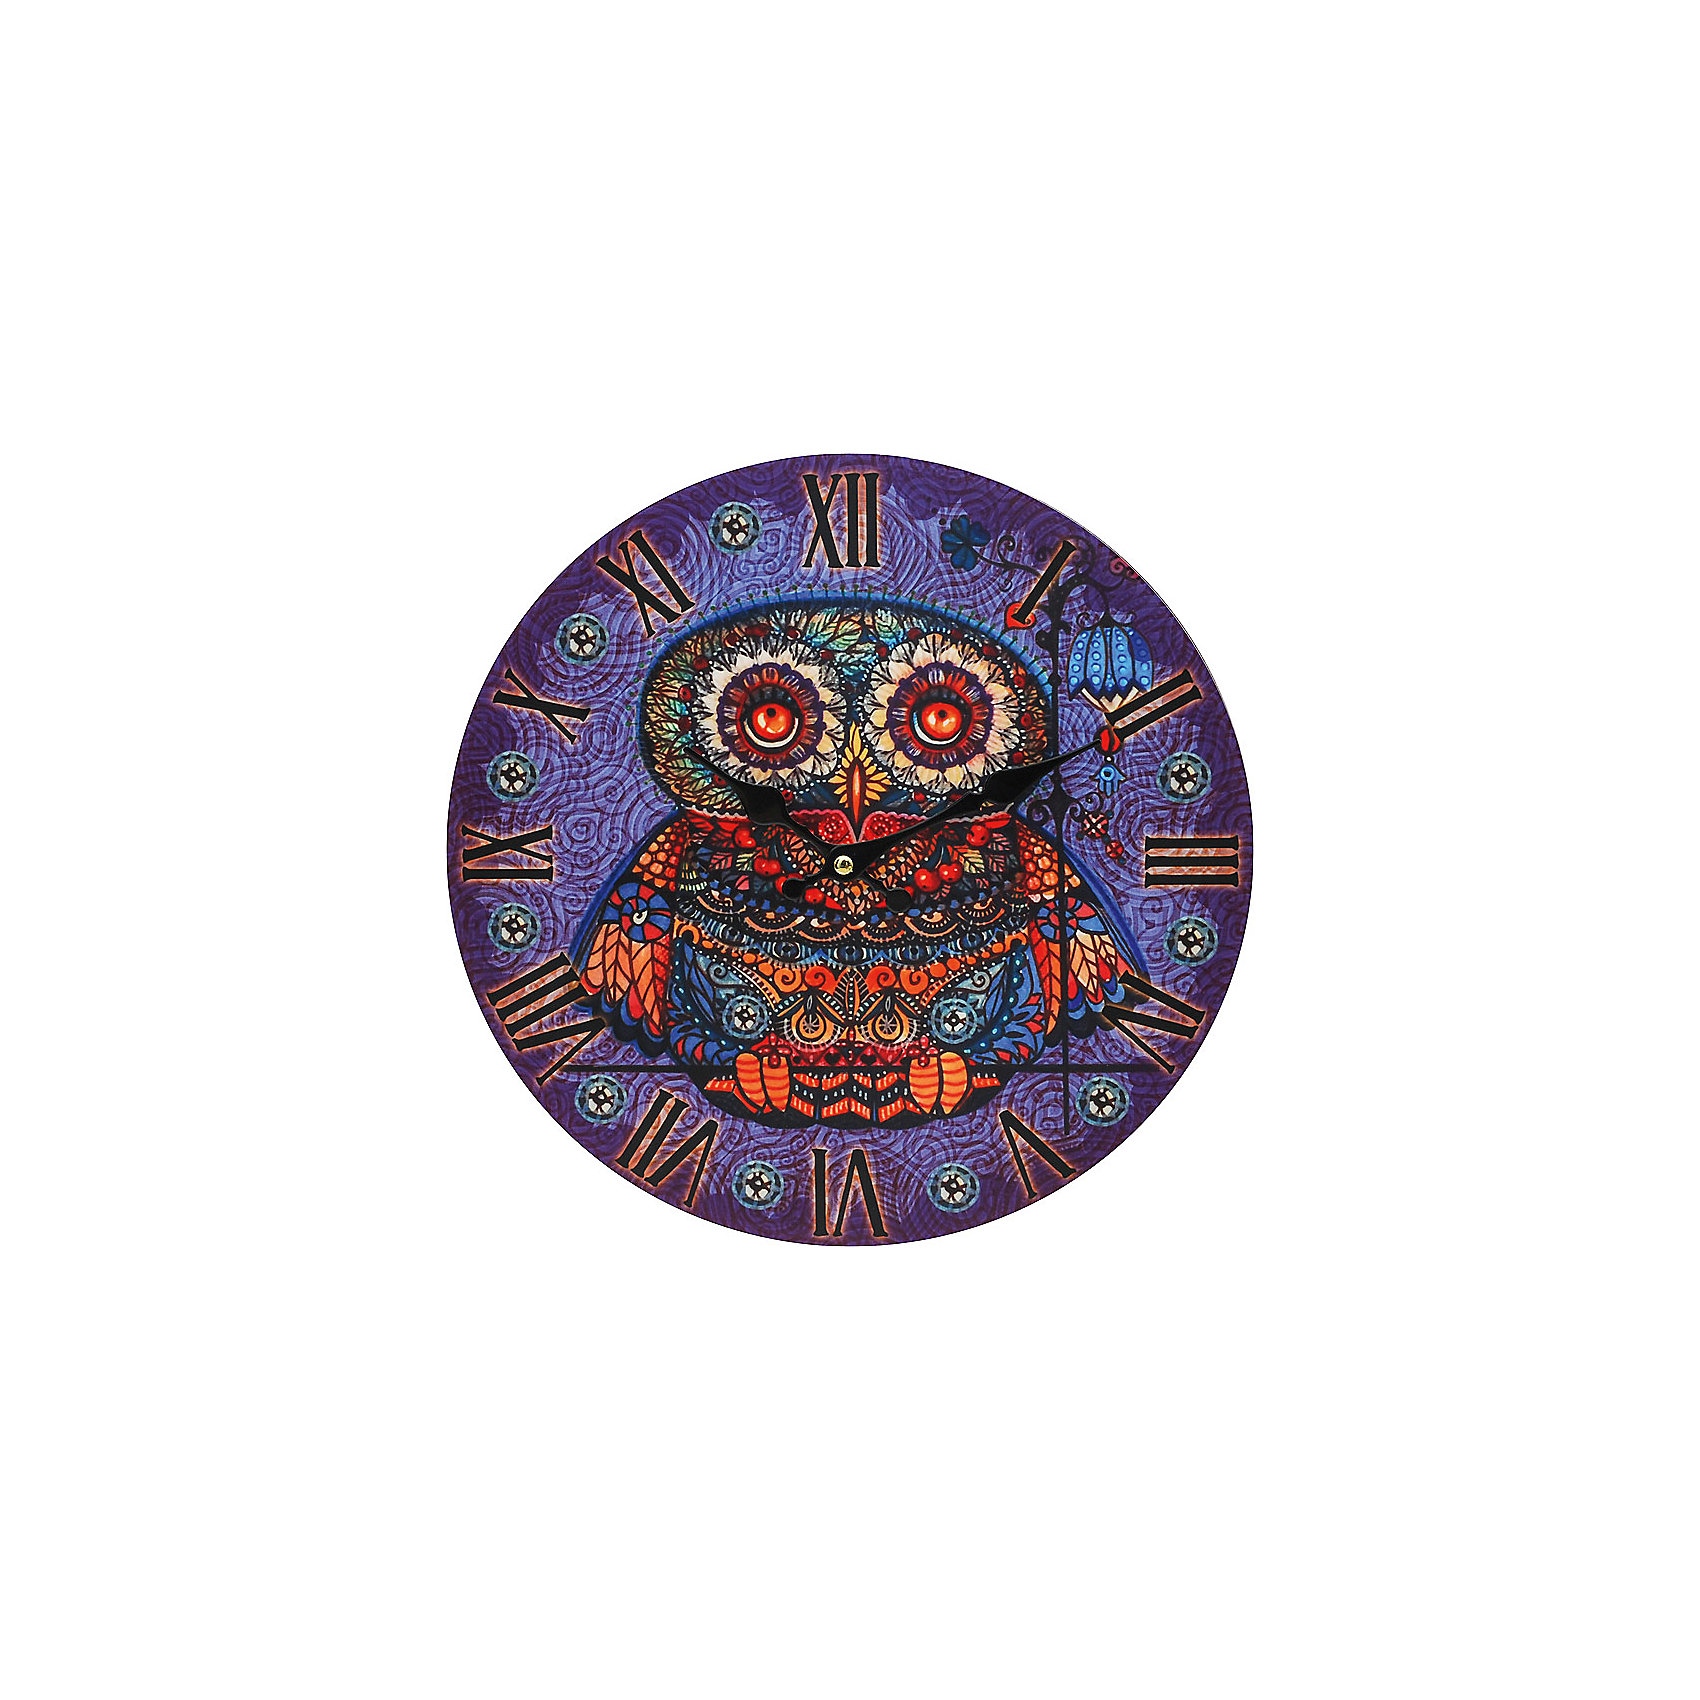 Часы настенные Волшебная сова, диаметр 34 смЧасы настенные Волшебная сова, диаметр 34 см.<br><br>Характеристики:<br><br>- Диаметр: 34 см.<br>- Две стрелки часовая и минутная<br>- Батарейка: 1 типа АА (в комплект не входит)<br>- Основной цвет: сиреневый<br>- Упаковка картонная коробка<br><br>Кварцевые настенные часы с механизмом плавного хода помимо своего прямого назначения – показывать точное время – станут важным элементом декора Вашего дома, квартиры или офиса. Открытый циферблат часов выполнен из листа оргалита с декоративным покрытием, оформлен изображением совы. Часовая и минутная стрелки металлические. Часовой механизм закрыт пластиковым корпусом. Часы будут ярким акцентом в интерьере и создадут дополнительный уют и хорошее настроение.<br><br>Часы настенные Волшебная сова, диаметр 34 см можно купить в нашем интернет-магазине.<br><br>Ширина мм: 345<br>Глубина мм: 340<br>Высота мм: 45<br>Вес г: 2500<br>Возраст от месяцев: 72<br>Возраст до месяцев: 144<br>Пол: Унисекс<br>Возраст: Детский<br>SKU: 5089815